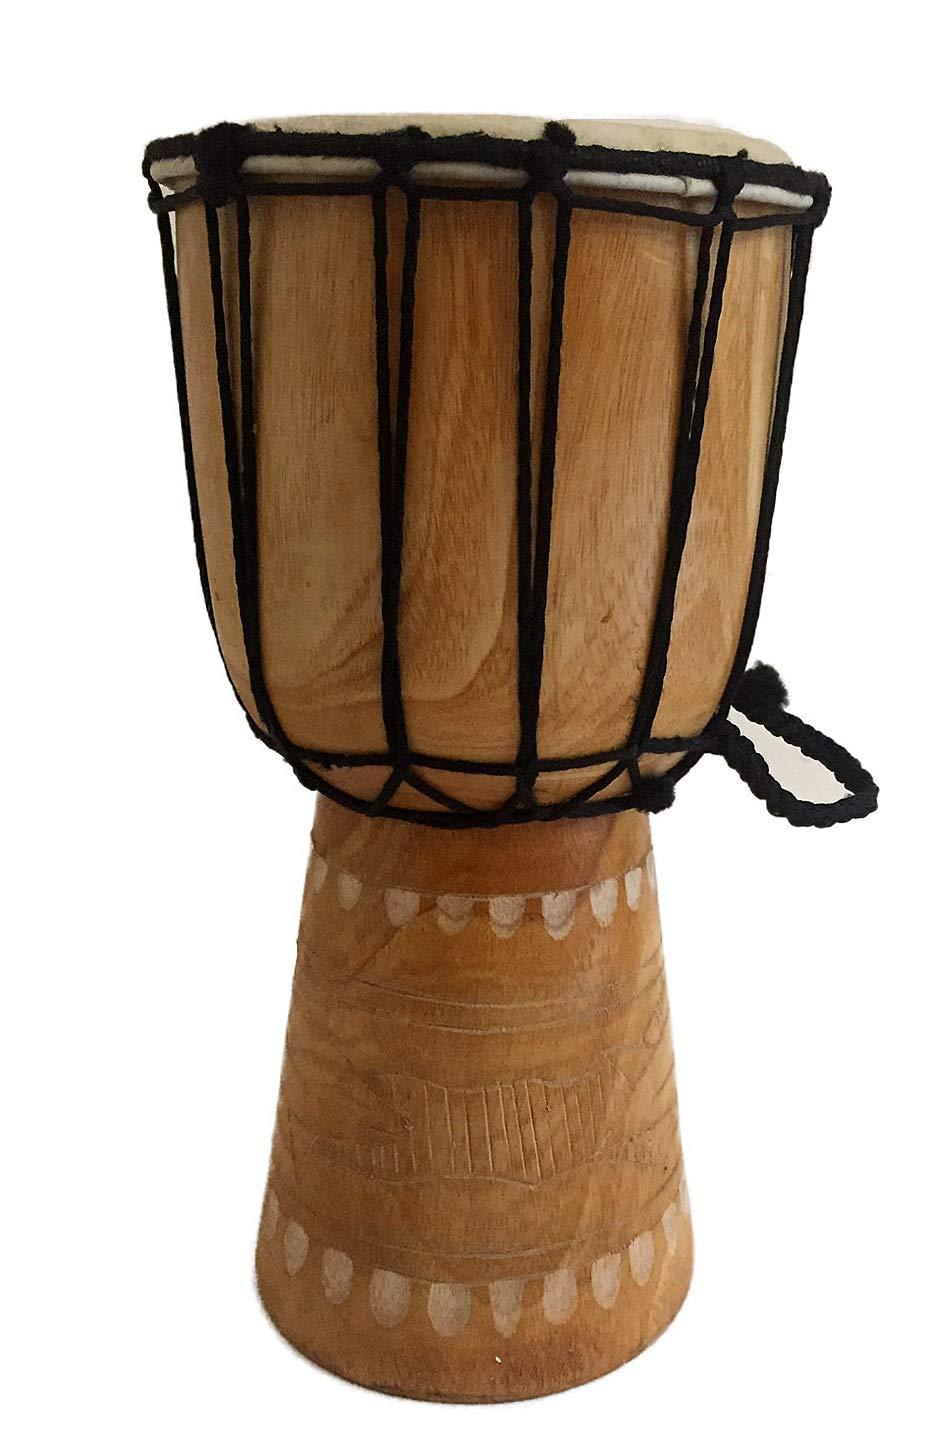 Djembe Drum Bongo Congo African Drum -MED SIZE- 12